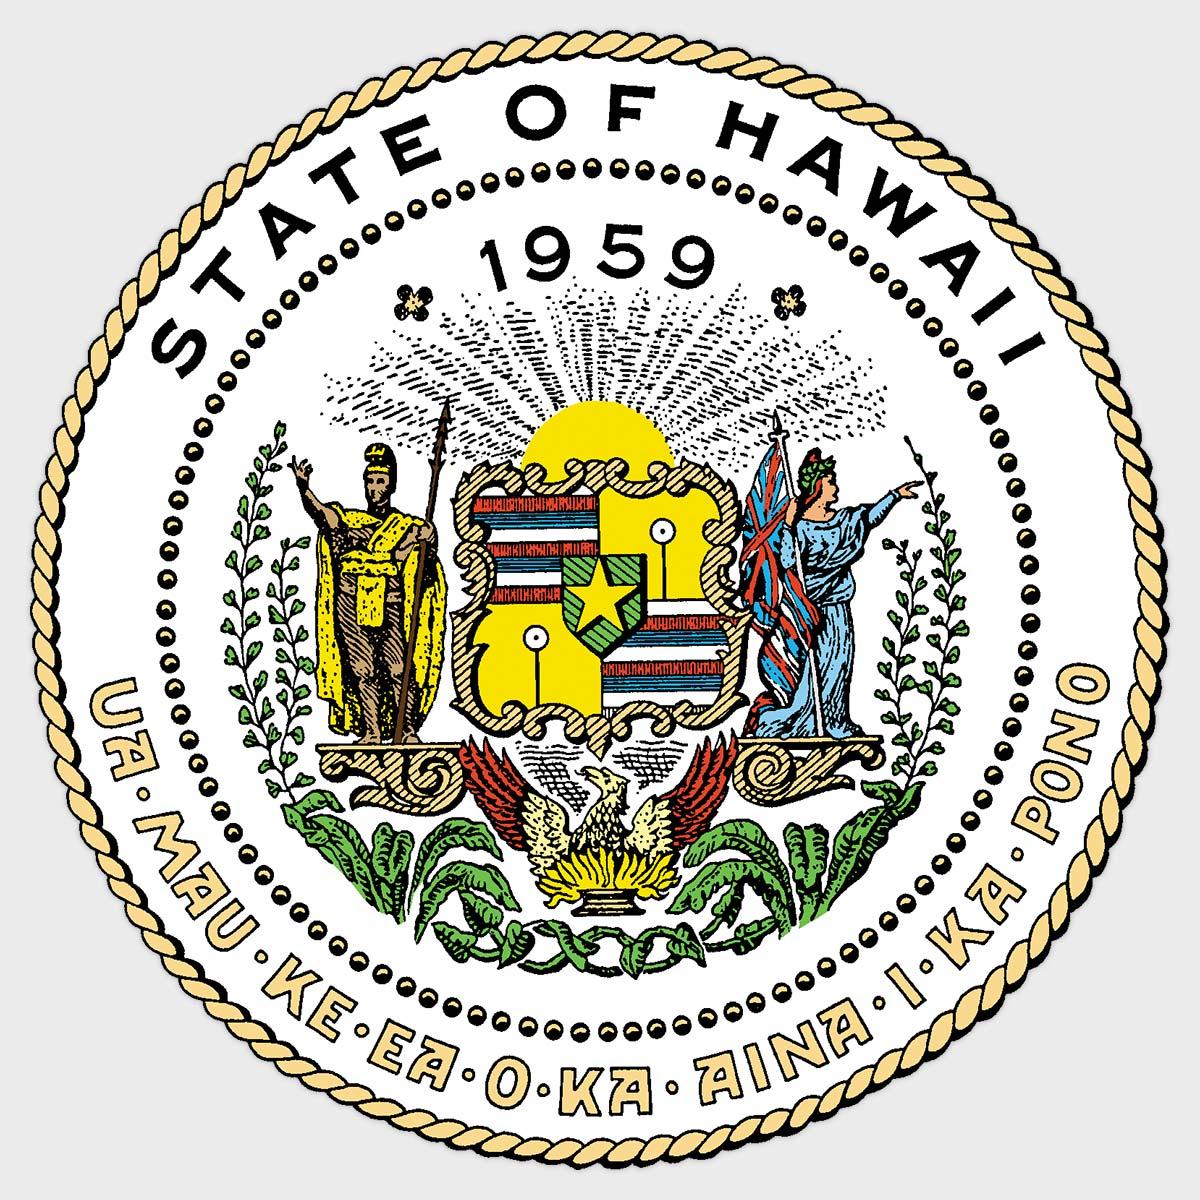 dbedt.hawaii.gov